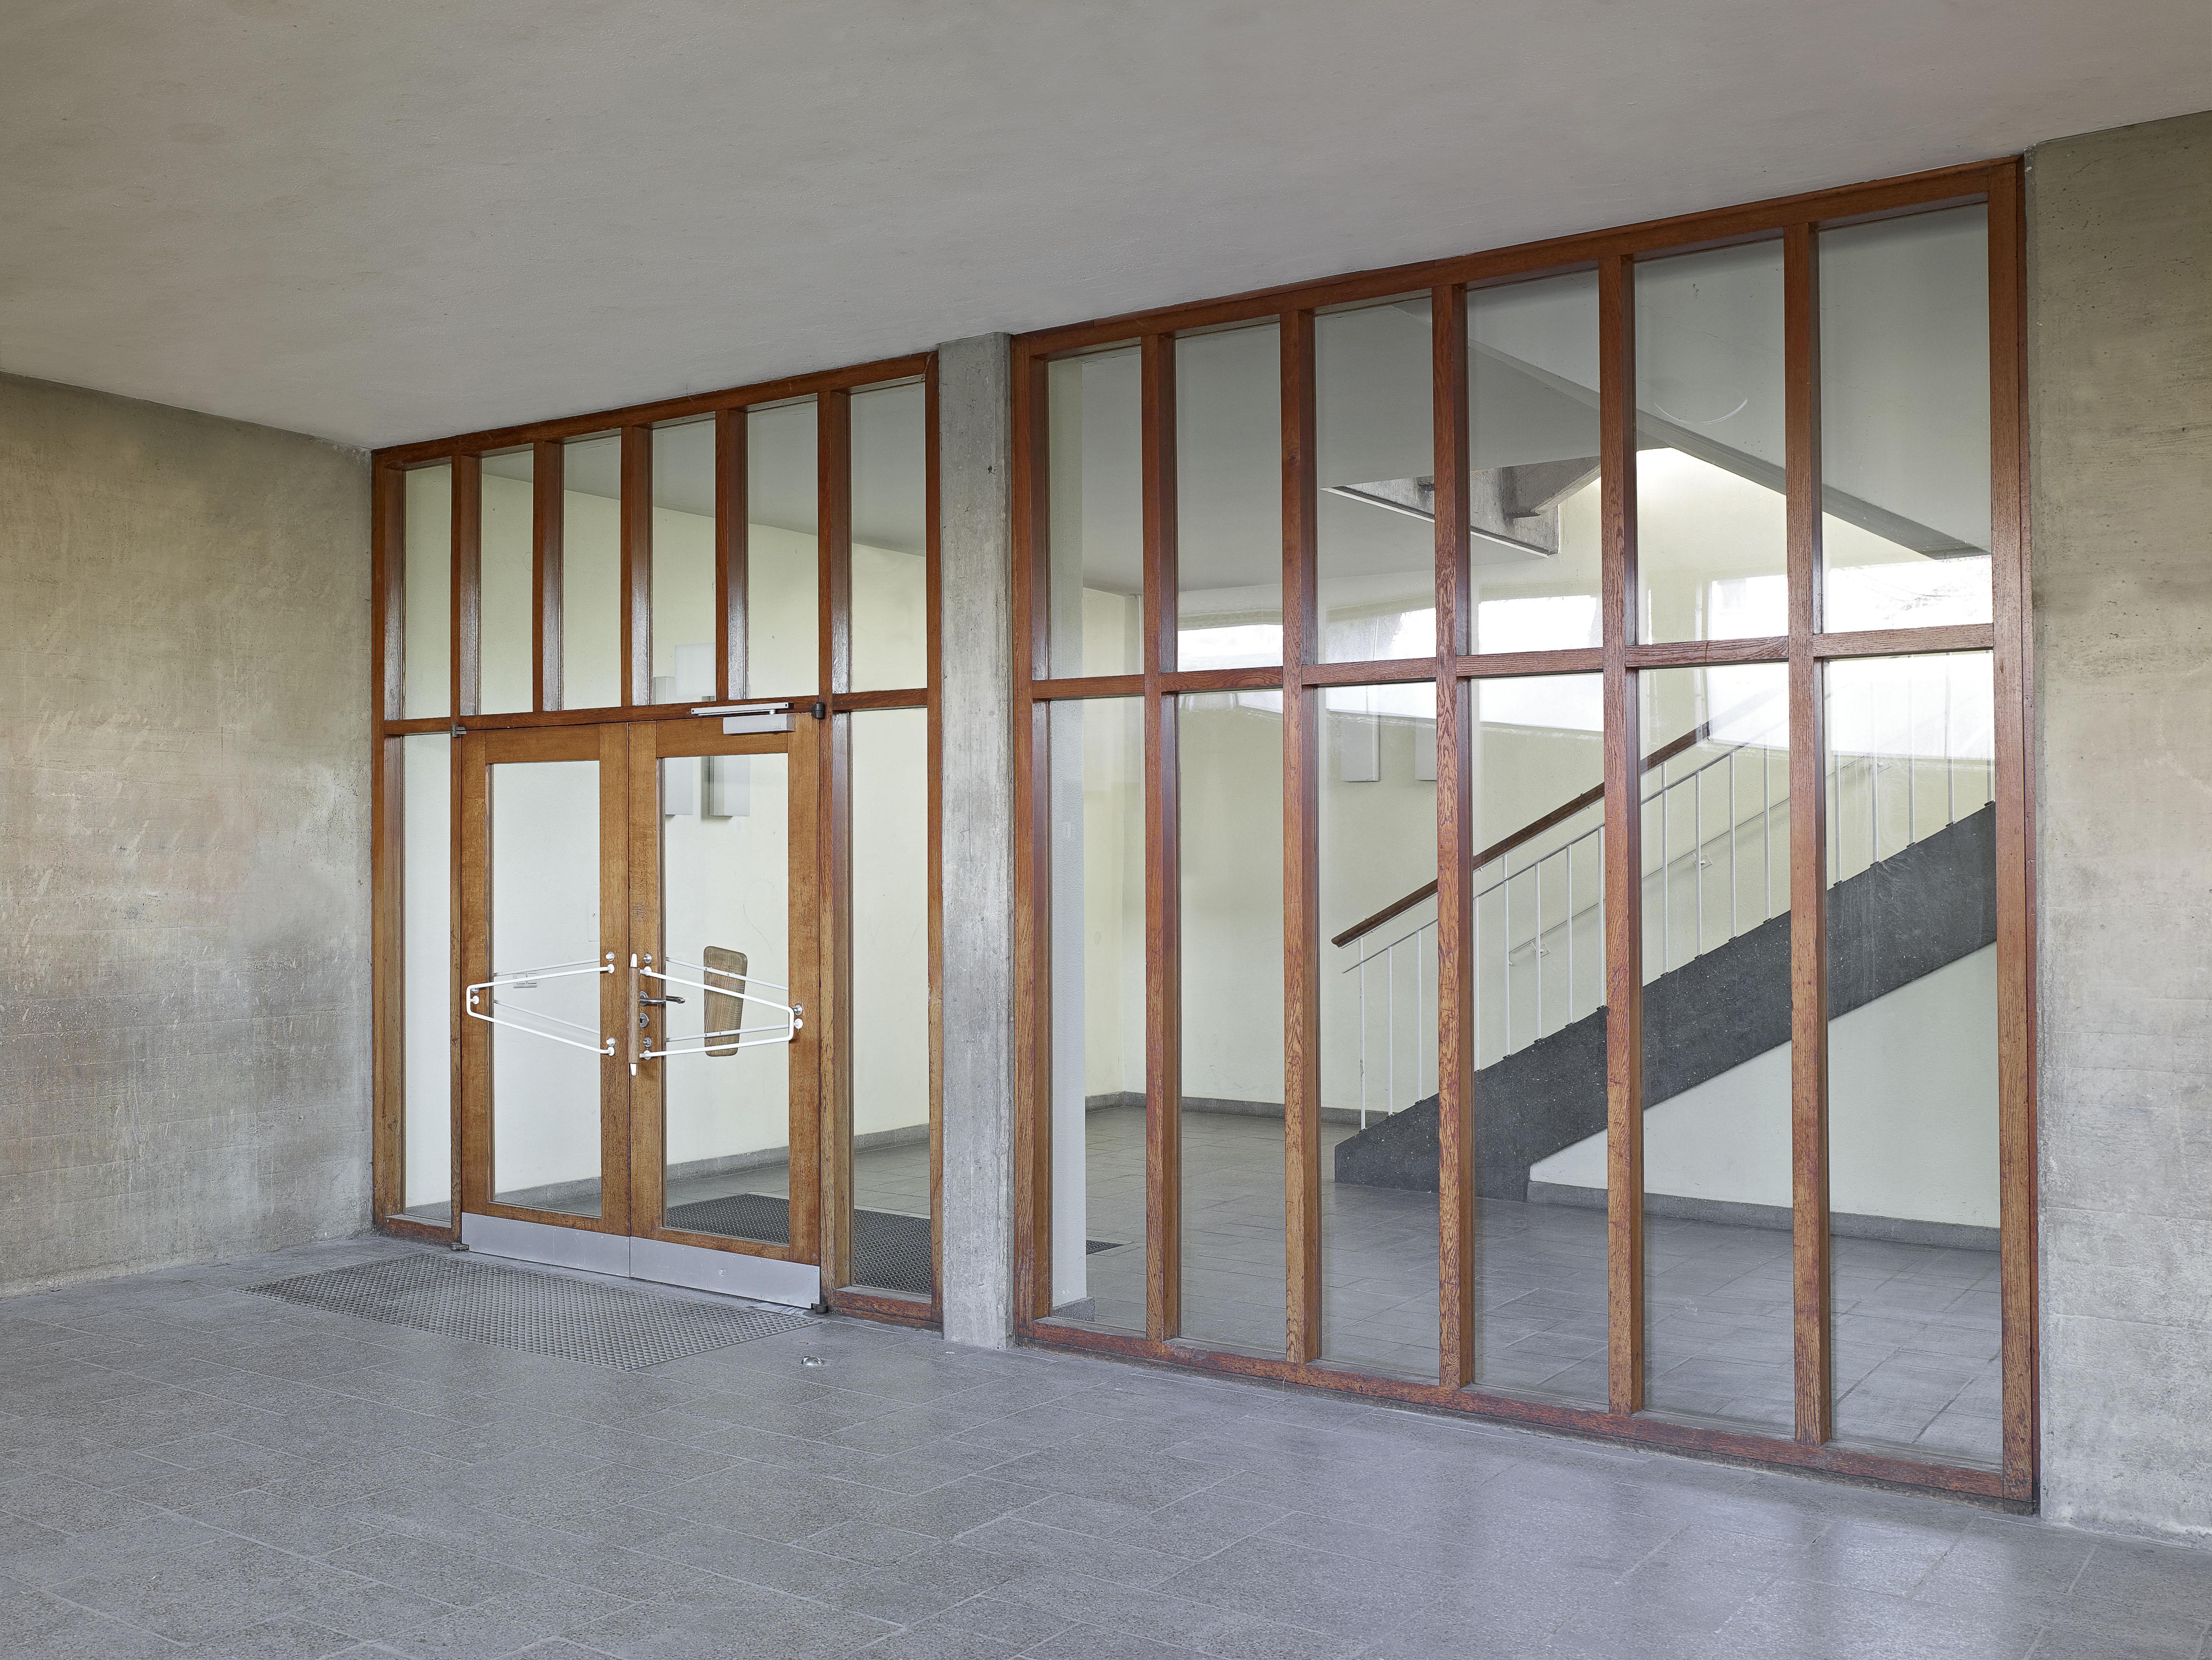 Schulerweiterung Silcherschule, Eingangstuer